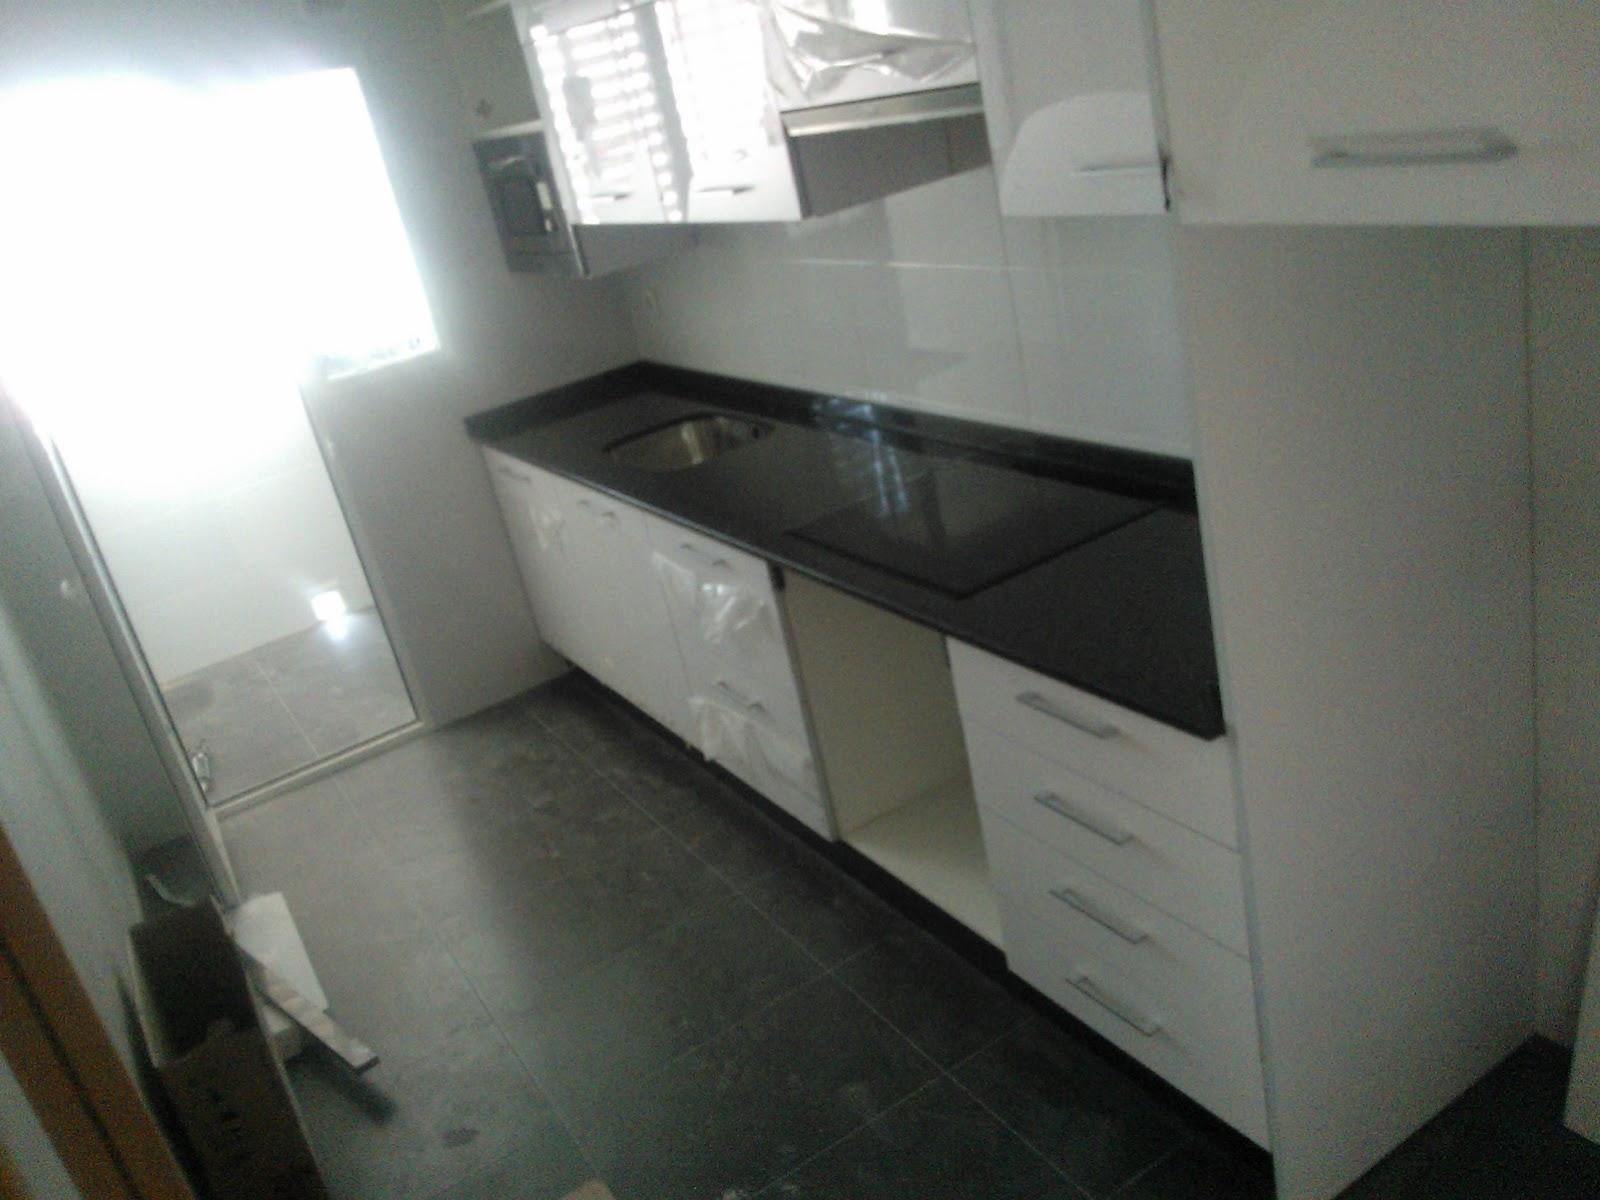 granito negro sudafrica cantos normales cm fregadero bajo encimera zcalos bajo mueble